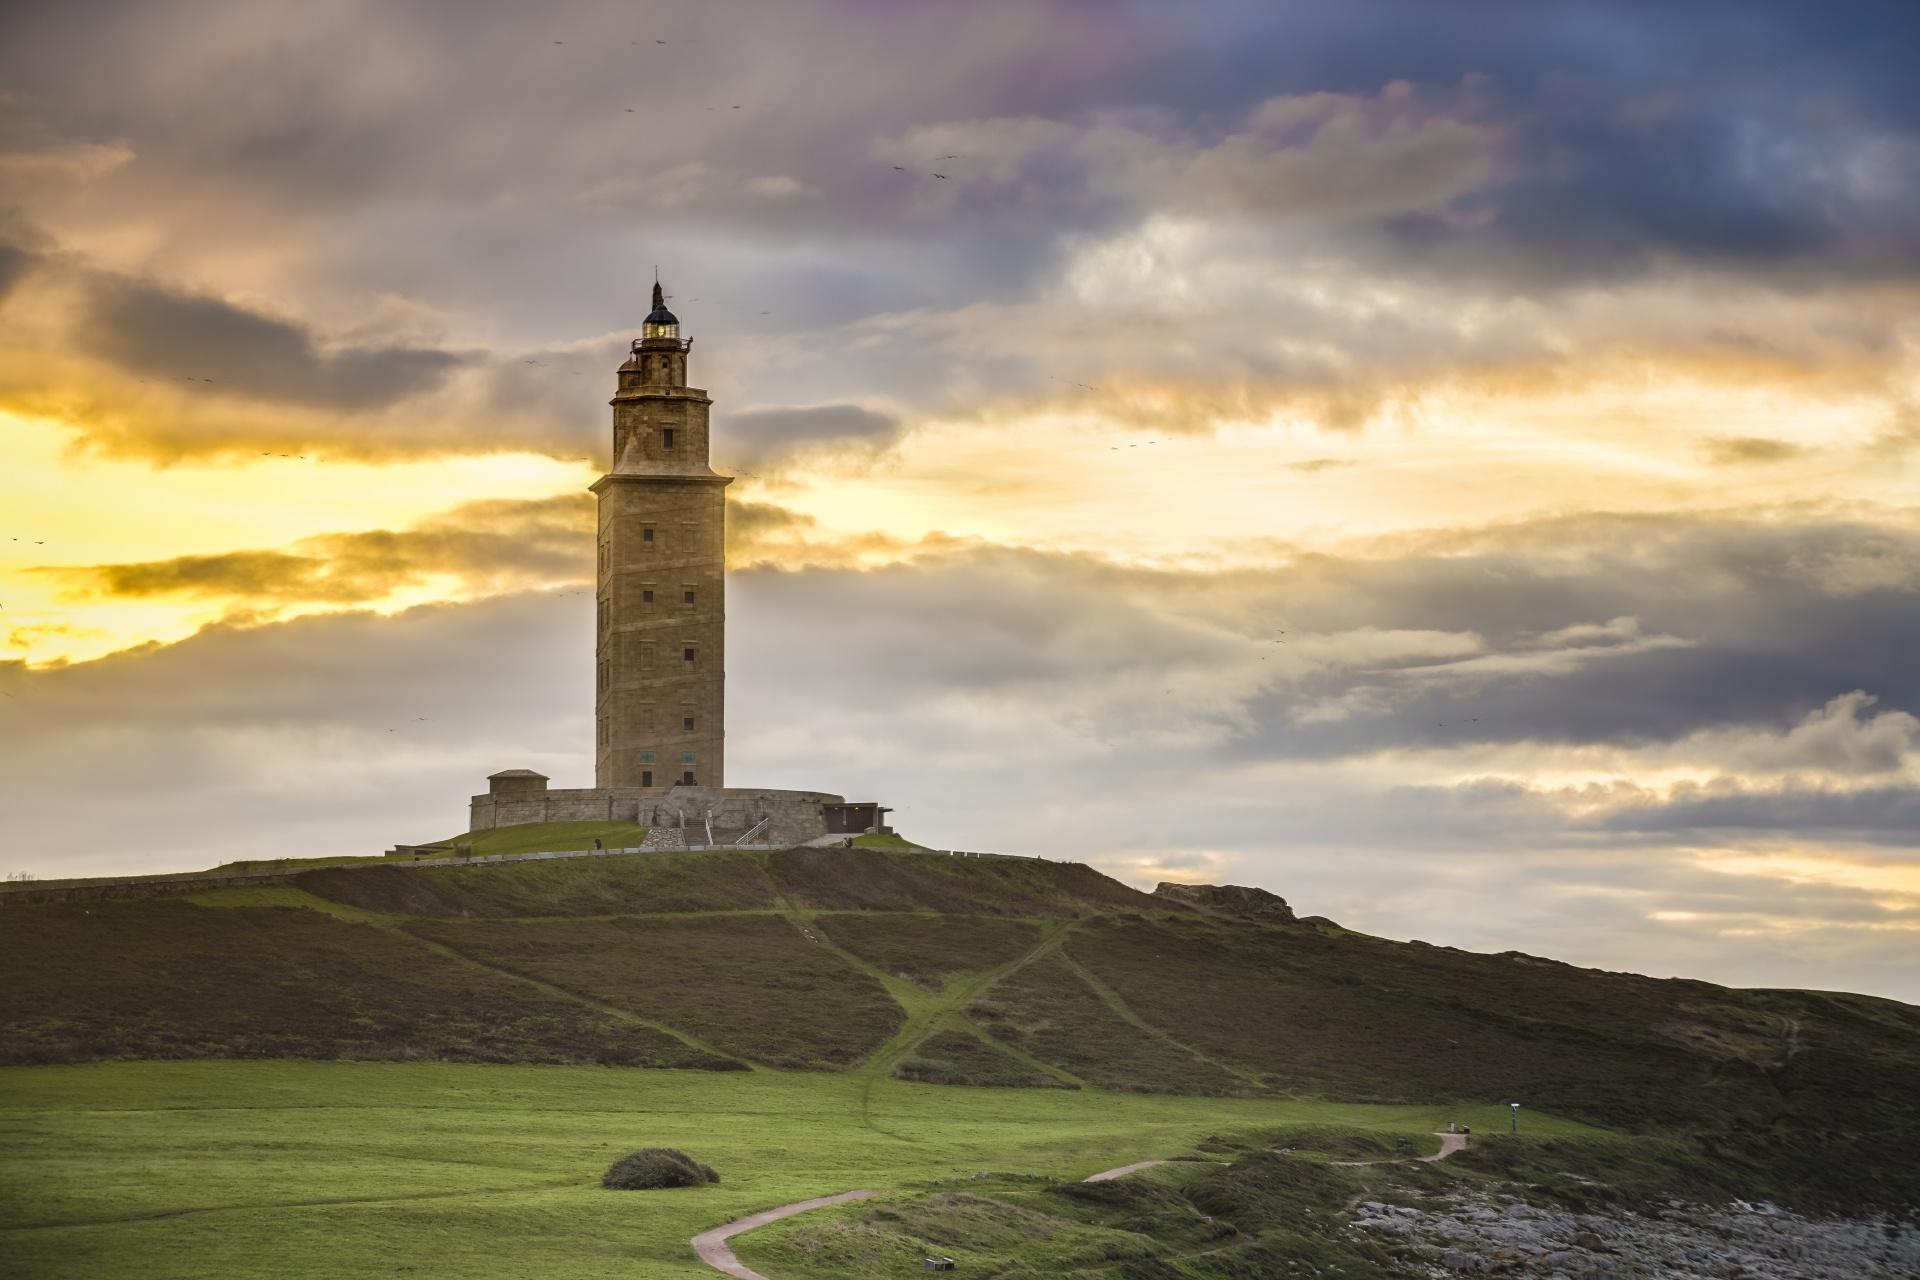 ヘラクレスの塔 スペインの風景